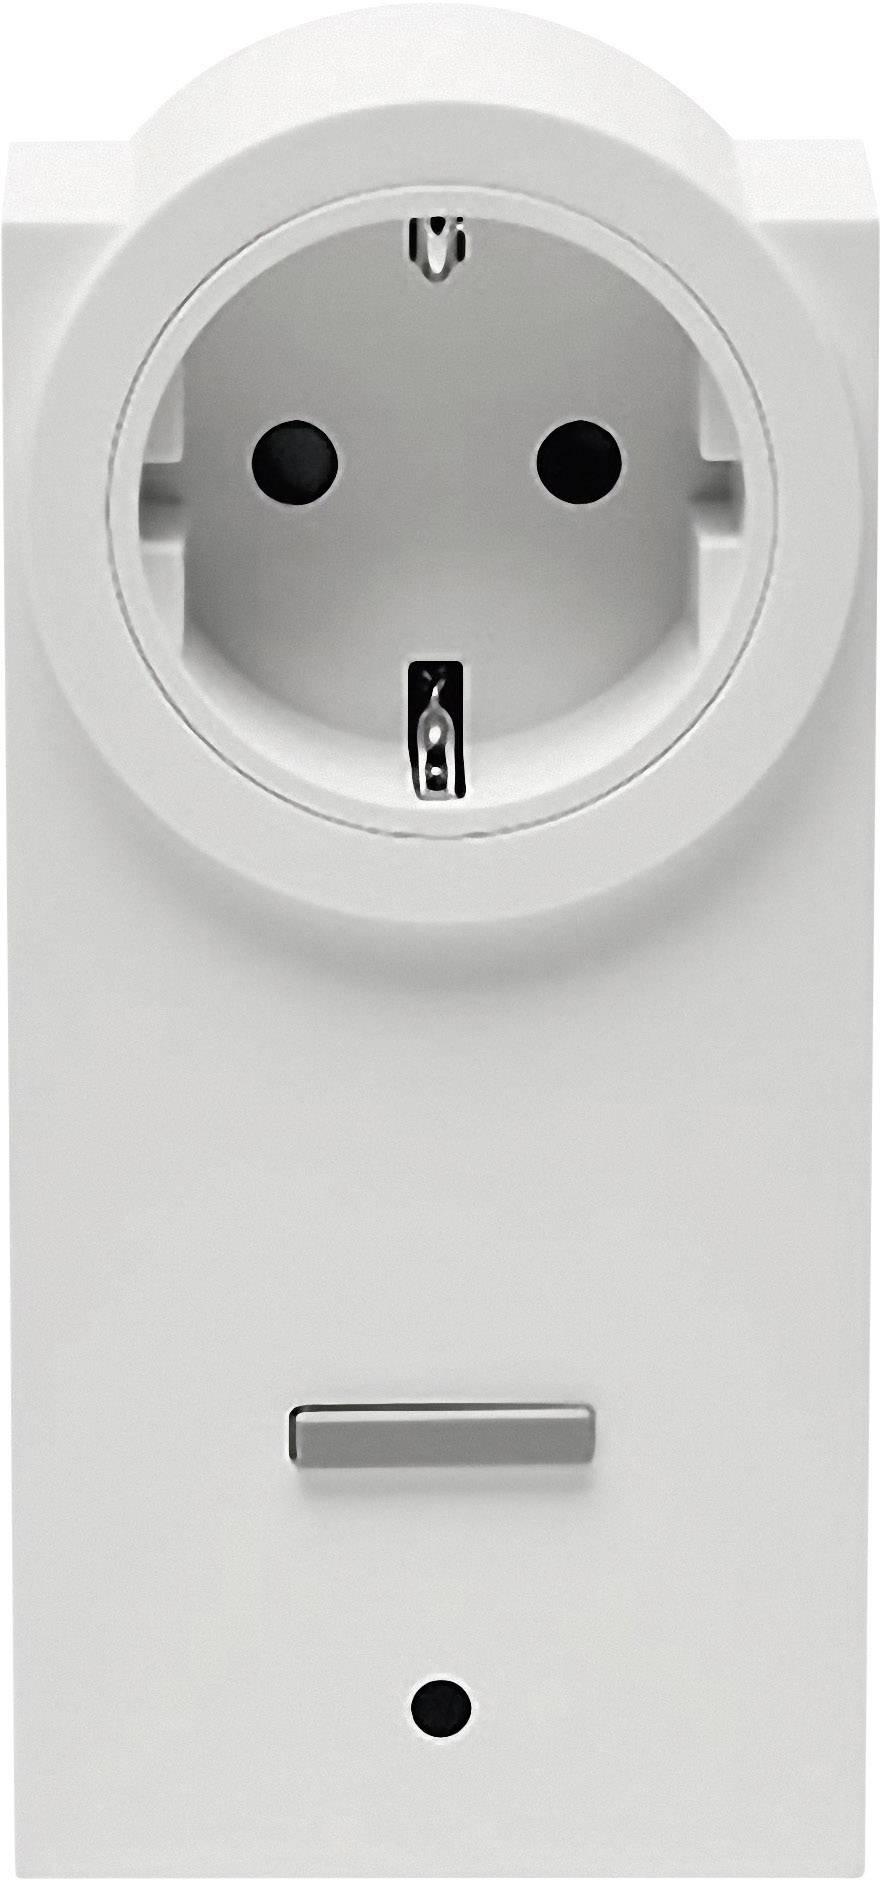 Bezdrôtová spínacia a meracia zásuvka HomeMatic HM-ES-PMSw1-Pl 130248 1-kanálový , max. dosah 150 m